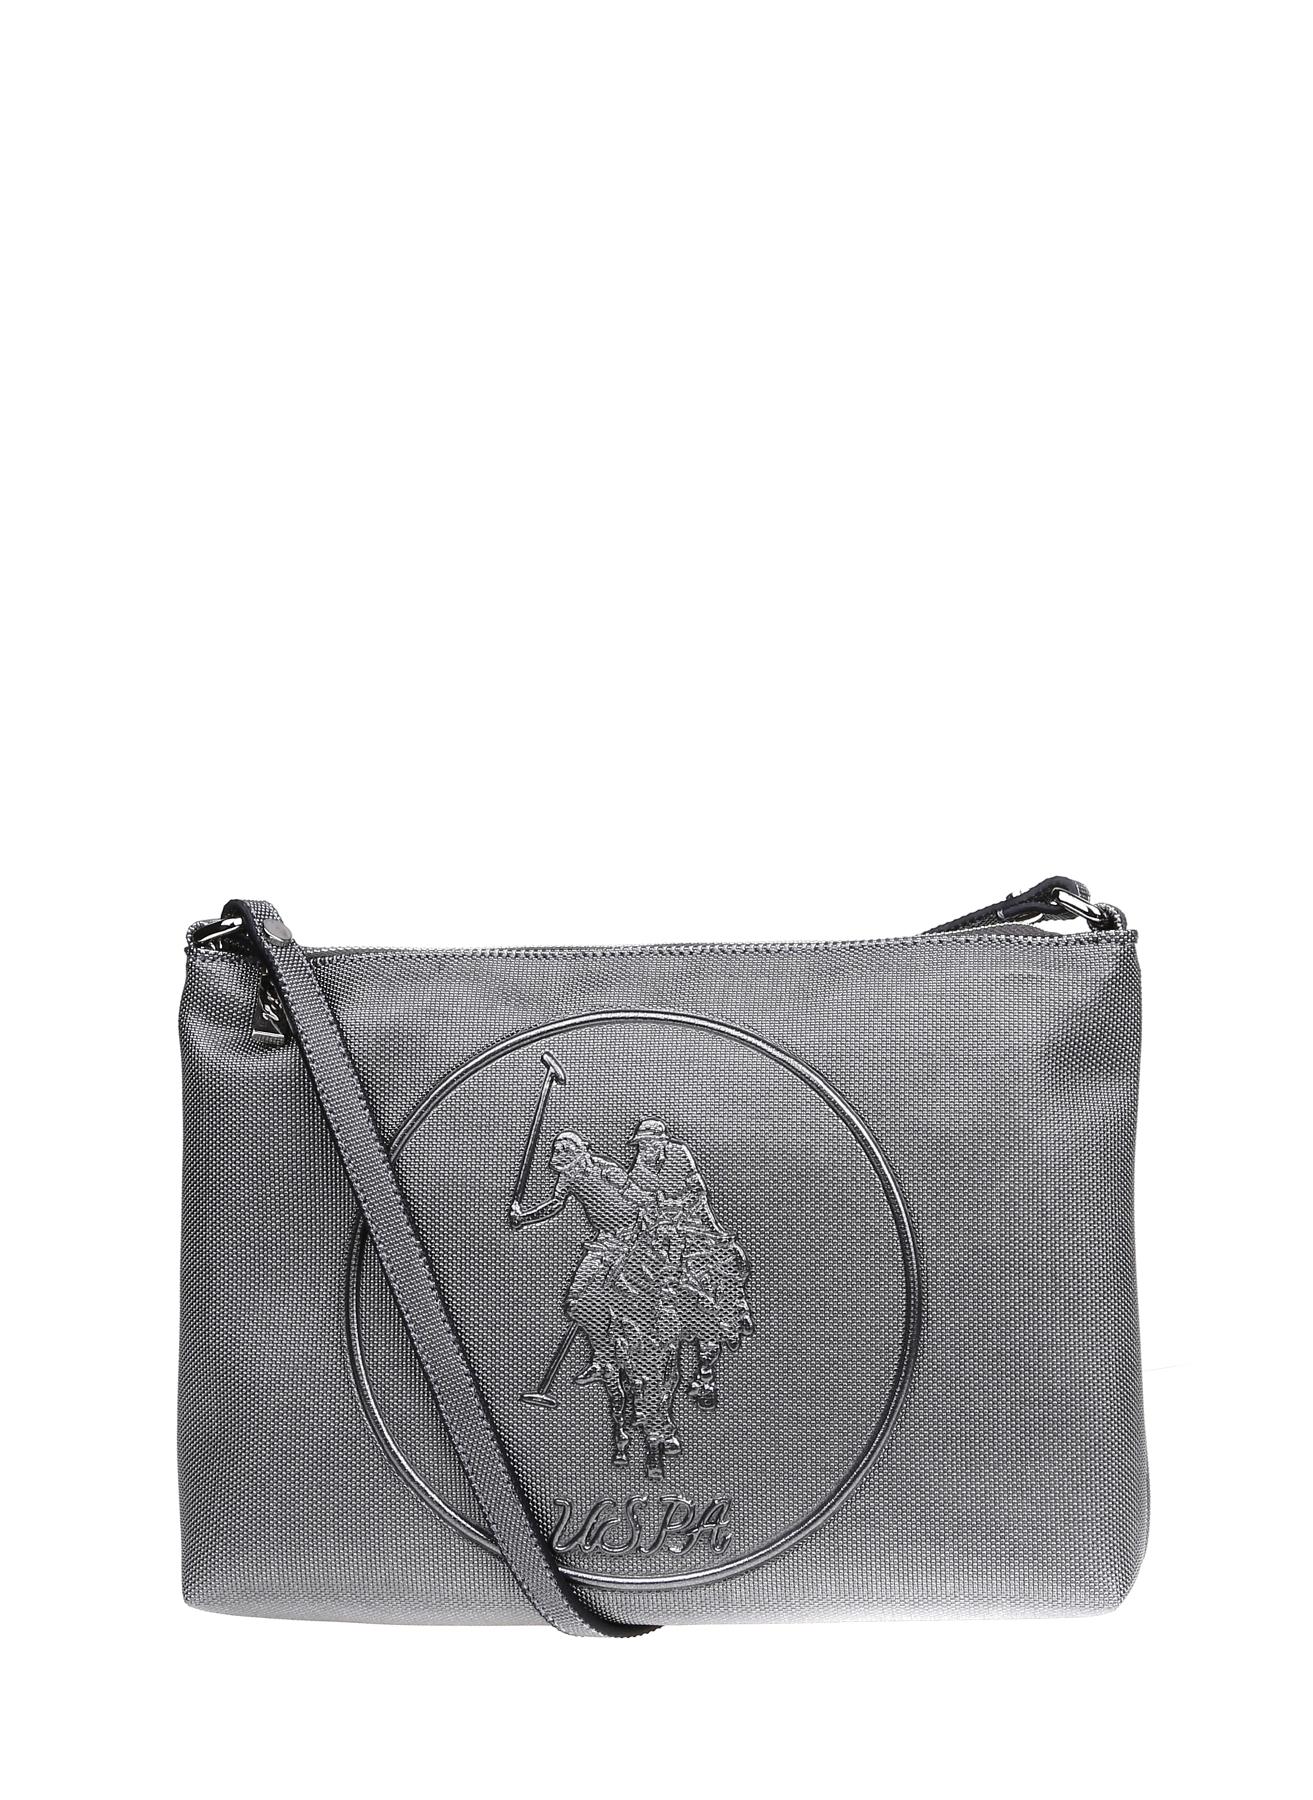 U.S. Polo Assn. El Çantası 5001633881001 Ürün Resmi